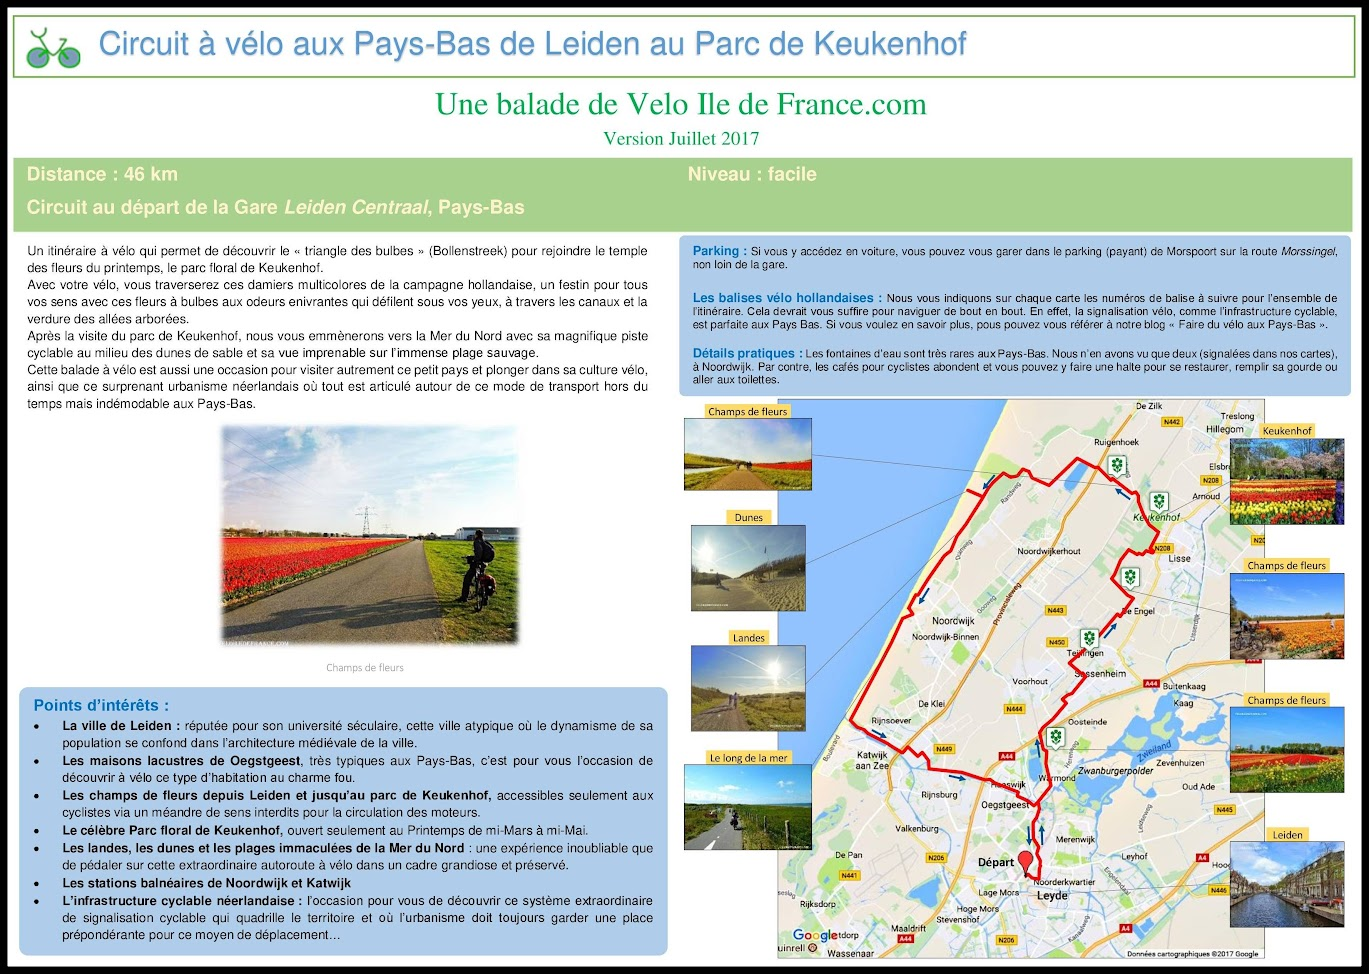 Couverture - Circuit à vélo aux Pays-Bas de Leiden au Parc de Keukenhof par veloiledefrance.com